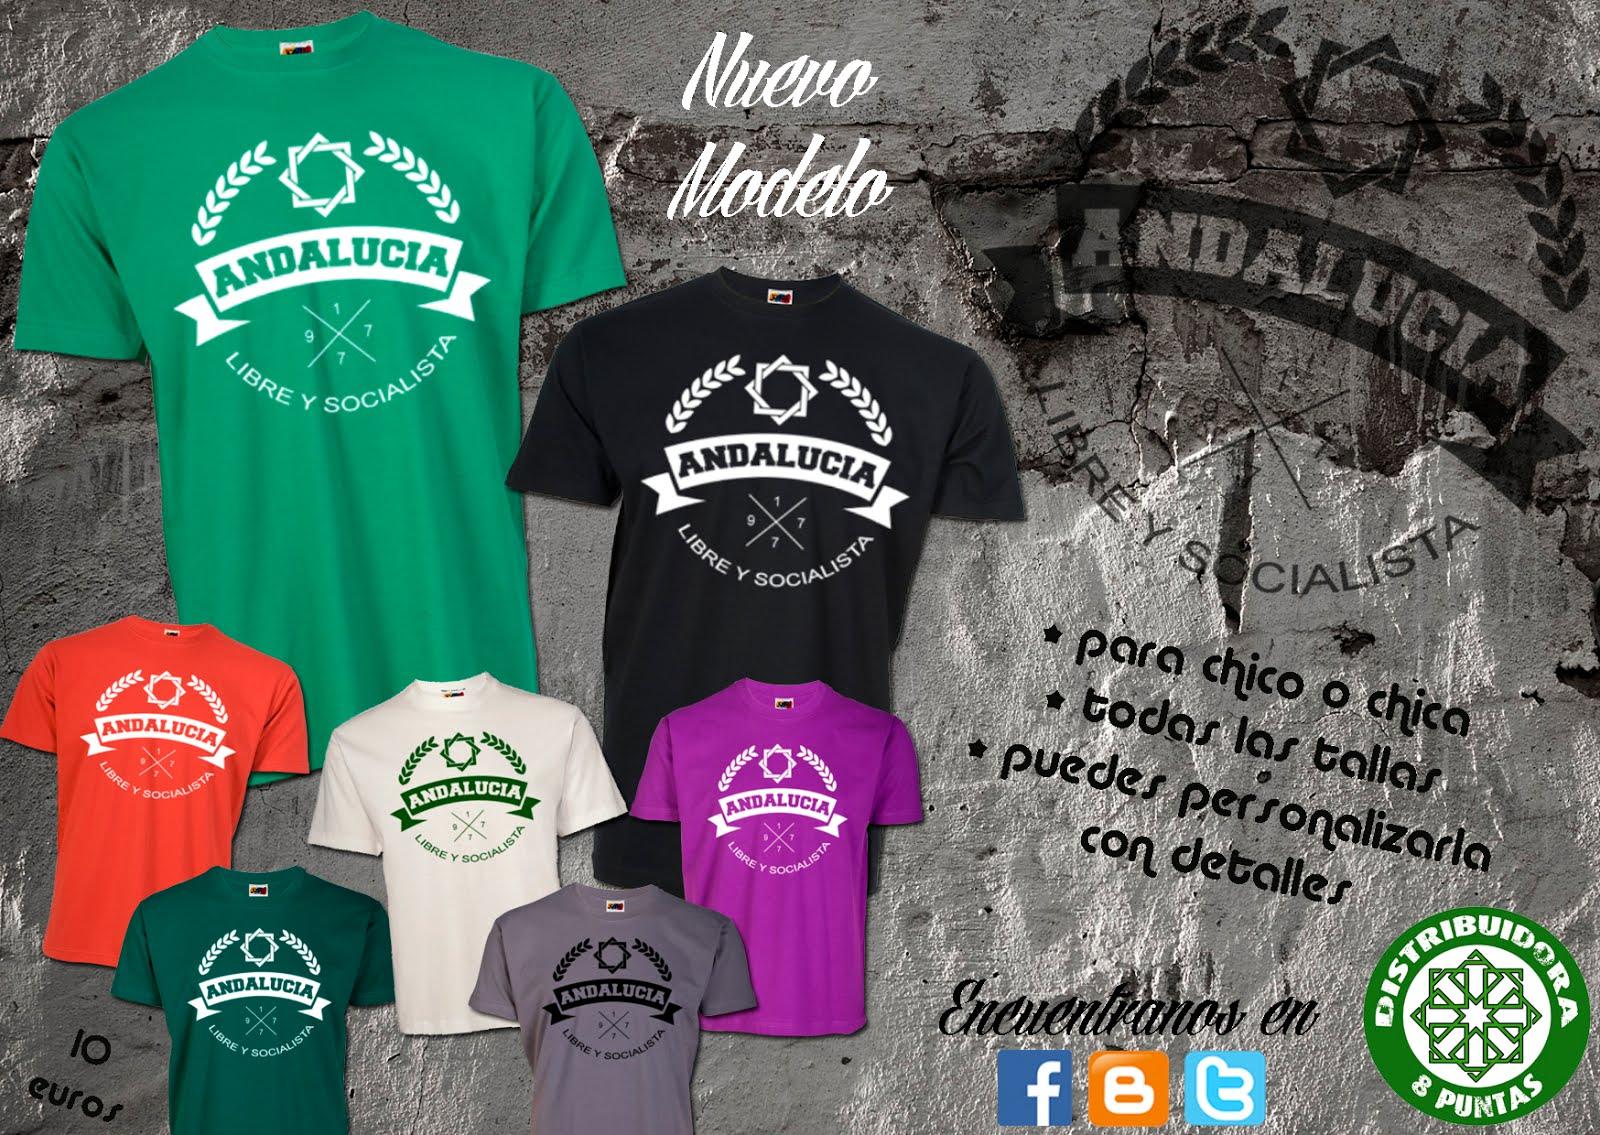 Modelo Andalucía, Libre y Socialista